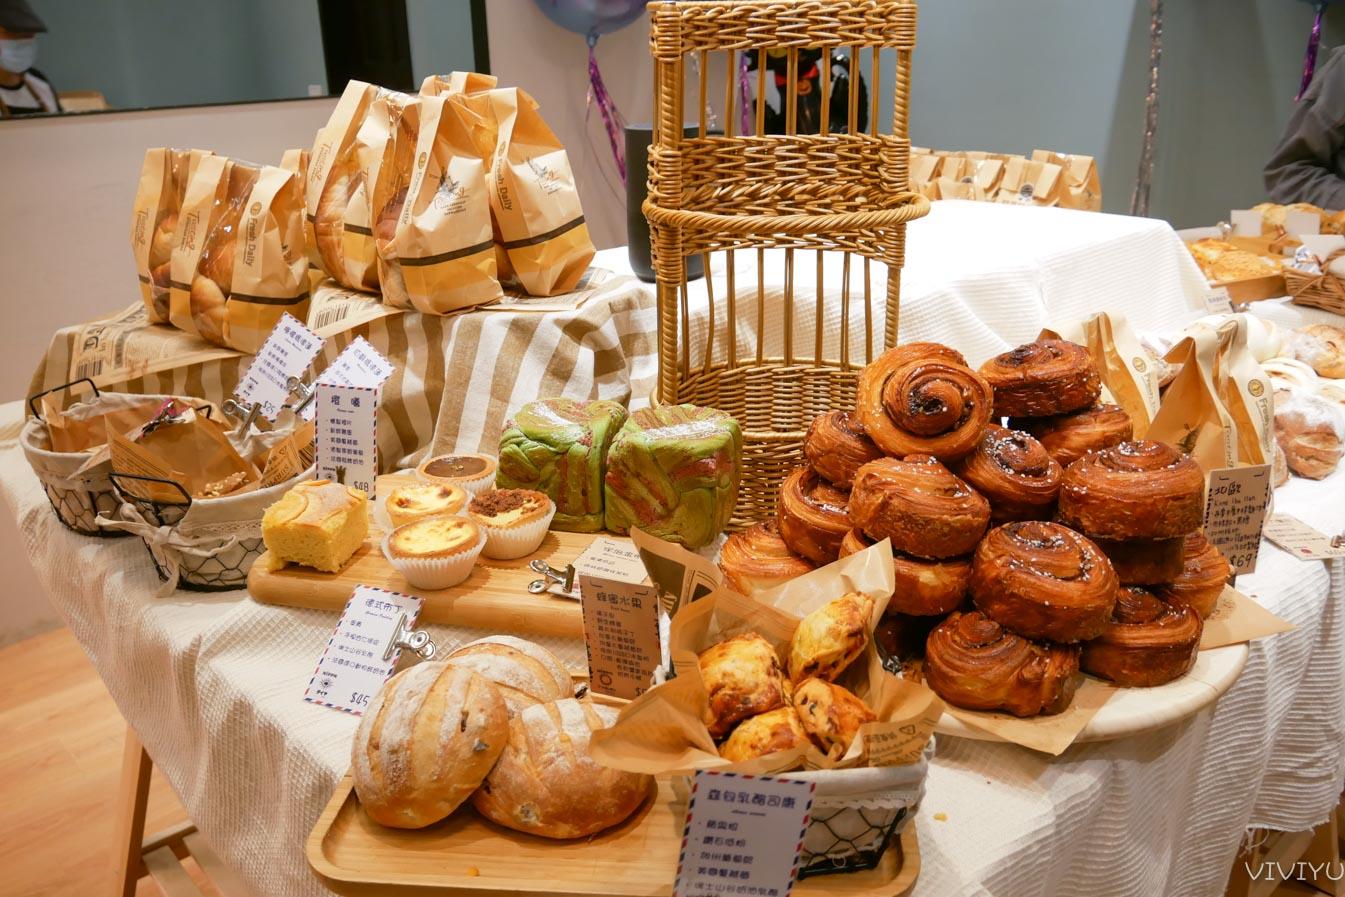 最新推播訊息:[桃園美食]拉凡德手作烘焙坊.桃園店|傳承日本職人精神打造.日式歐式麵包.滿滿甜點櫃選擇很多